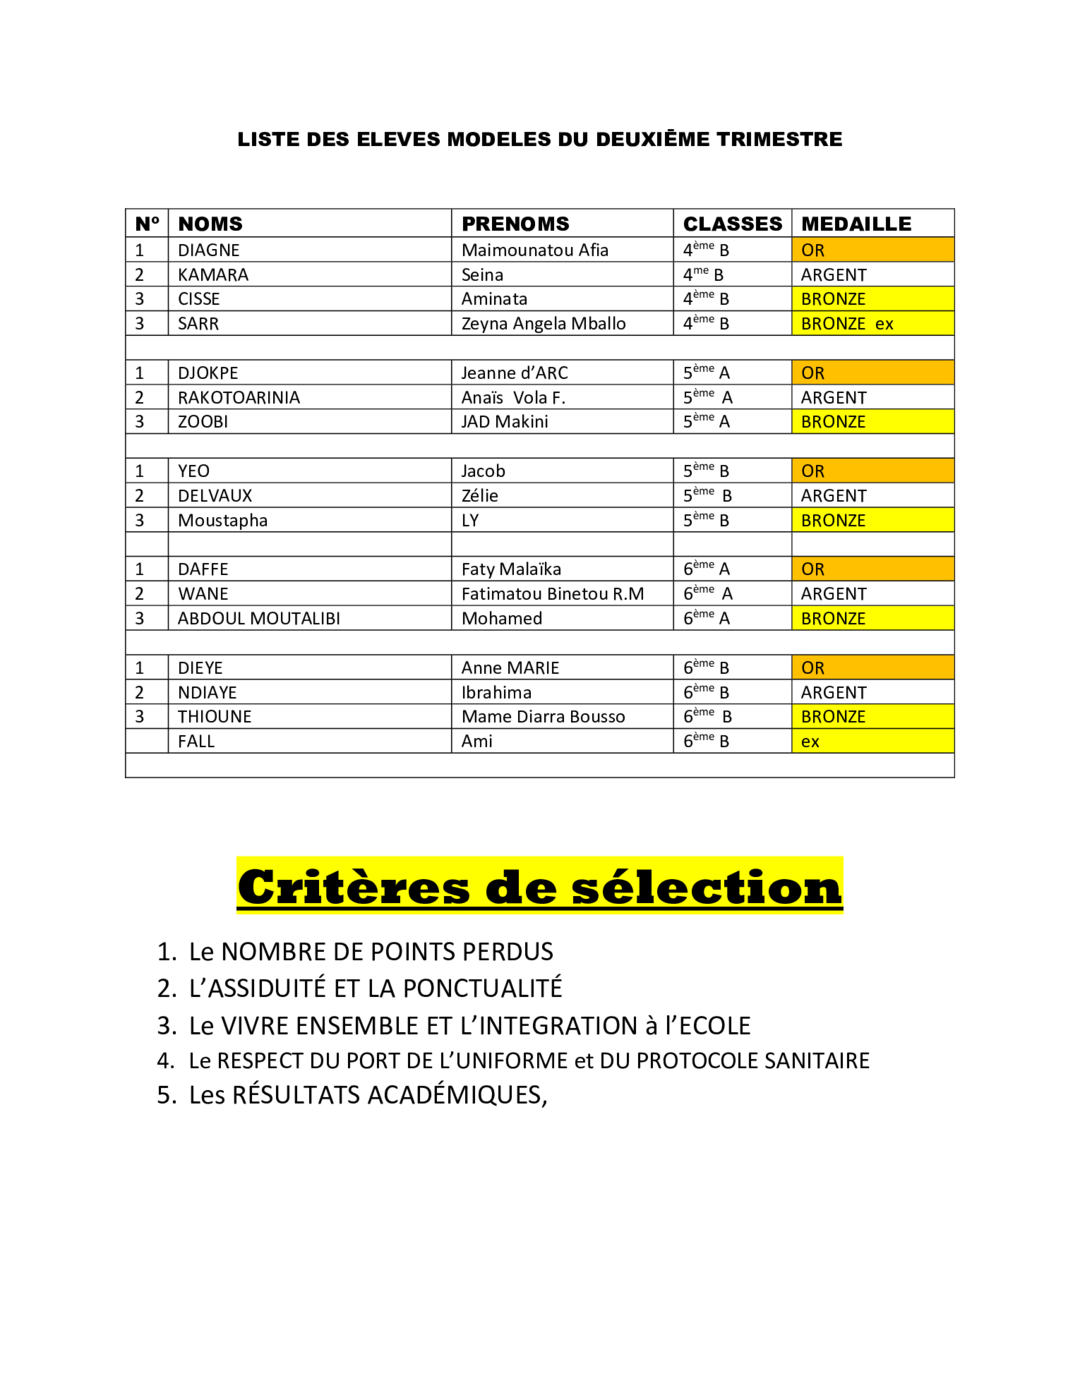 ELEVES MODELES DU PREMIER DEUXIEME 2020-2021 (4)-2.png